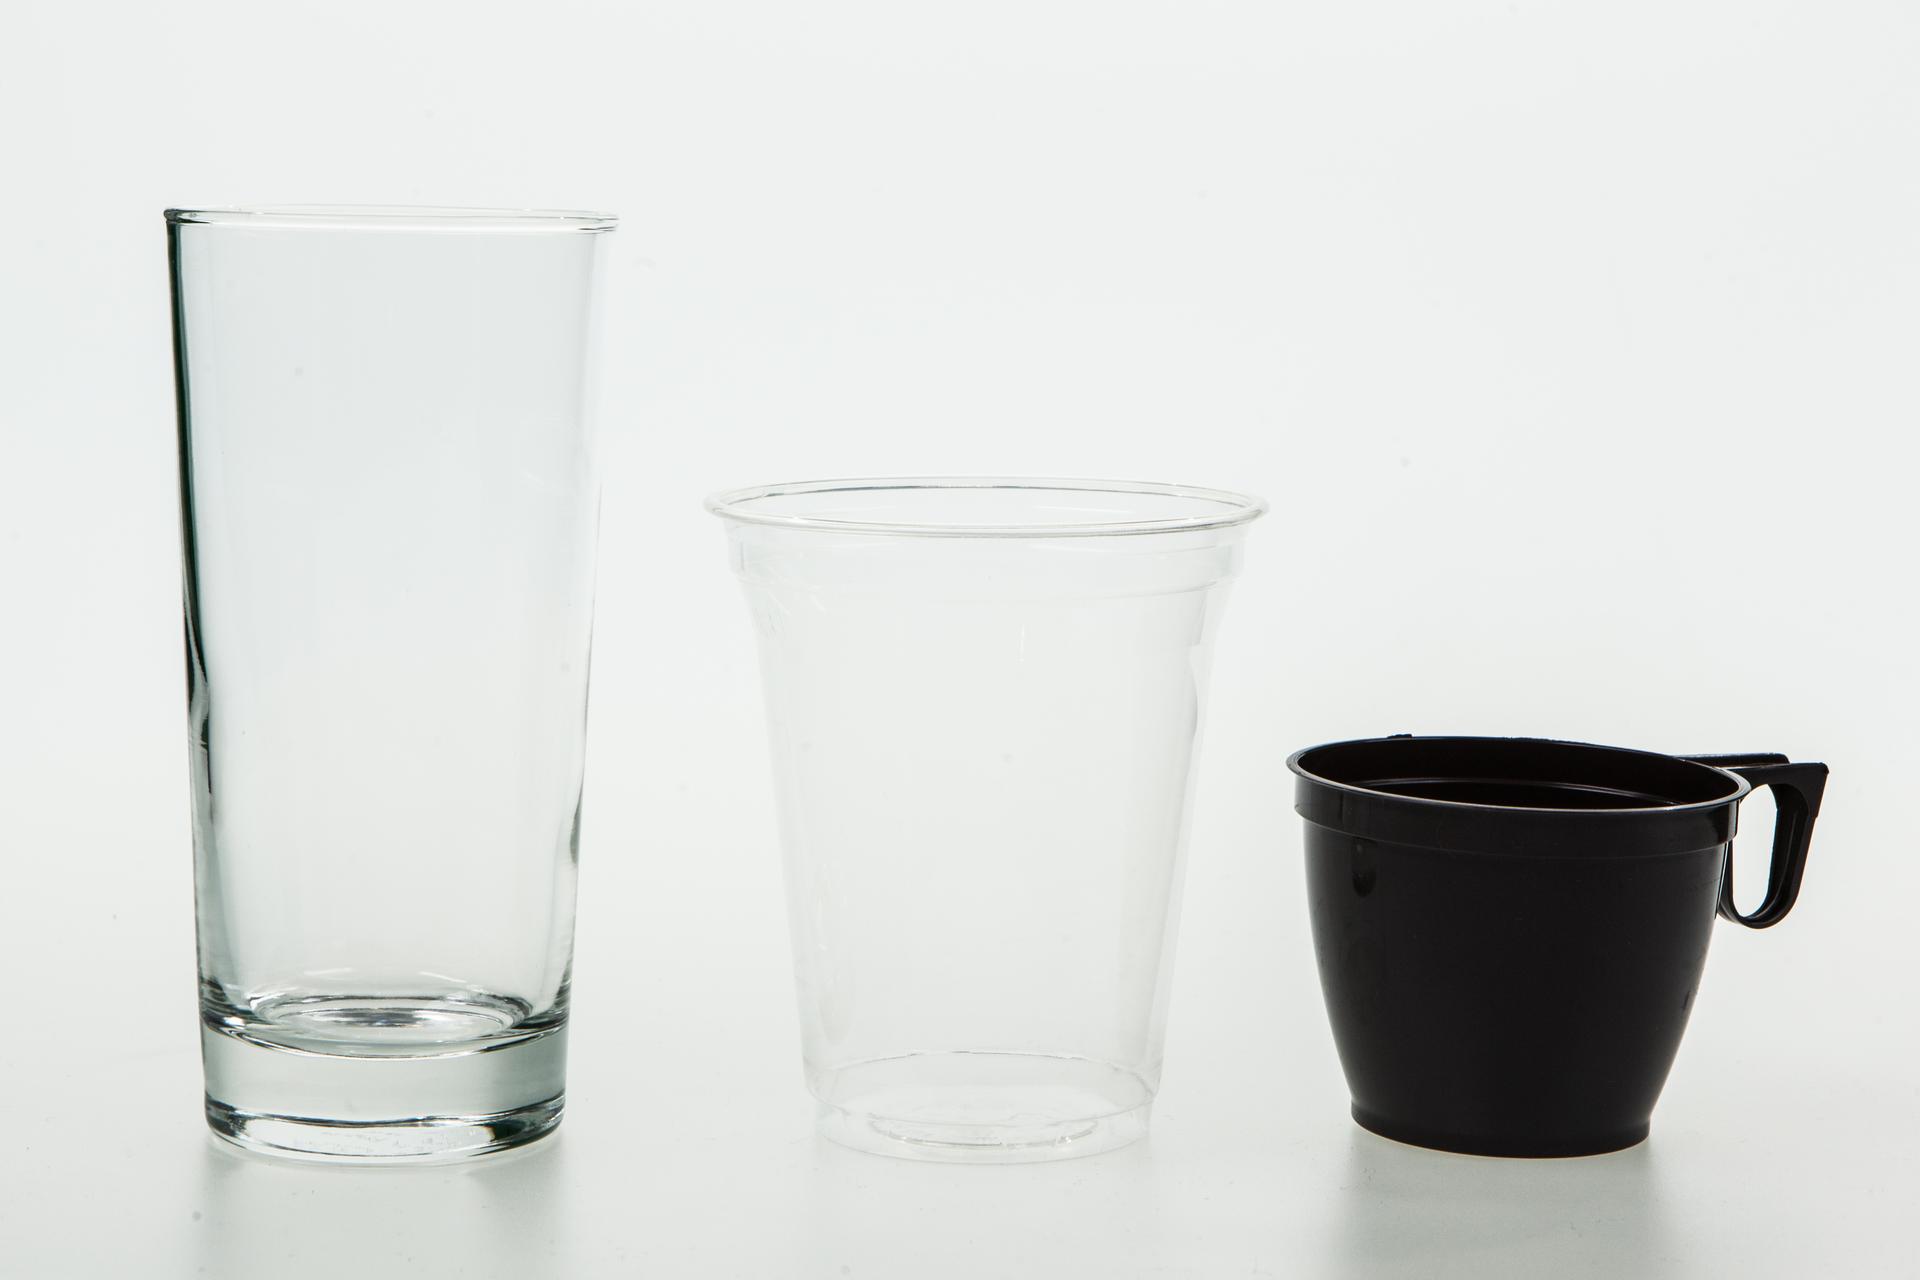 Fotografia przedstawia trzy różne naczynia: szklankę idwa plastikowe kubki jednorazowe.